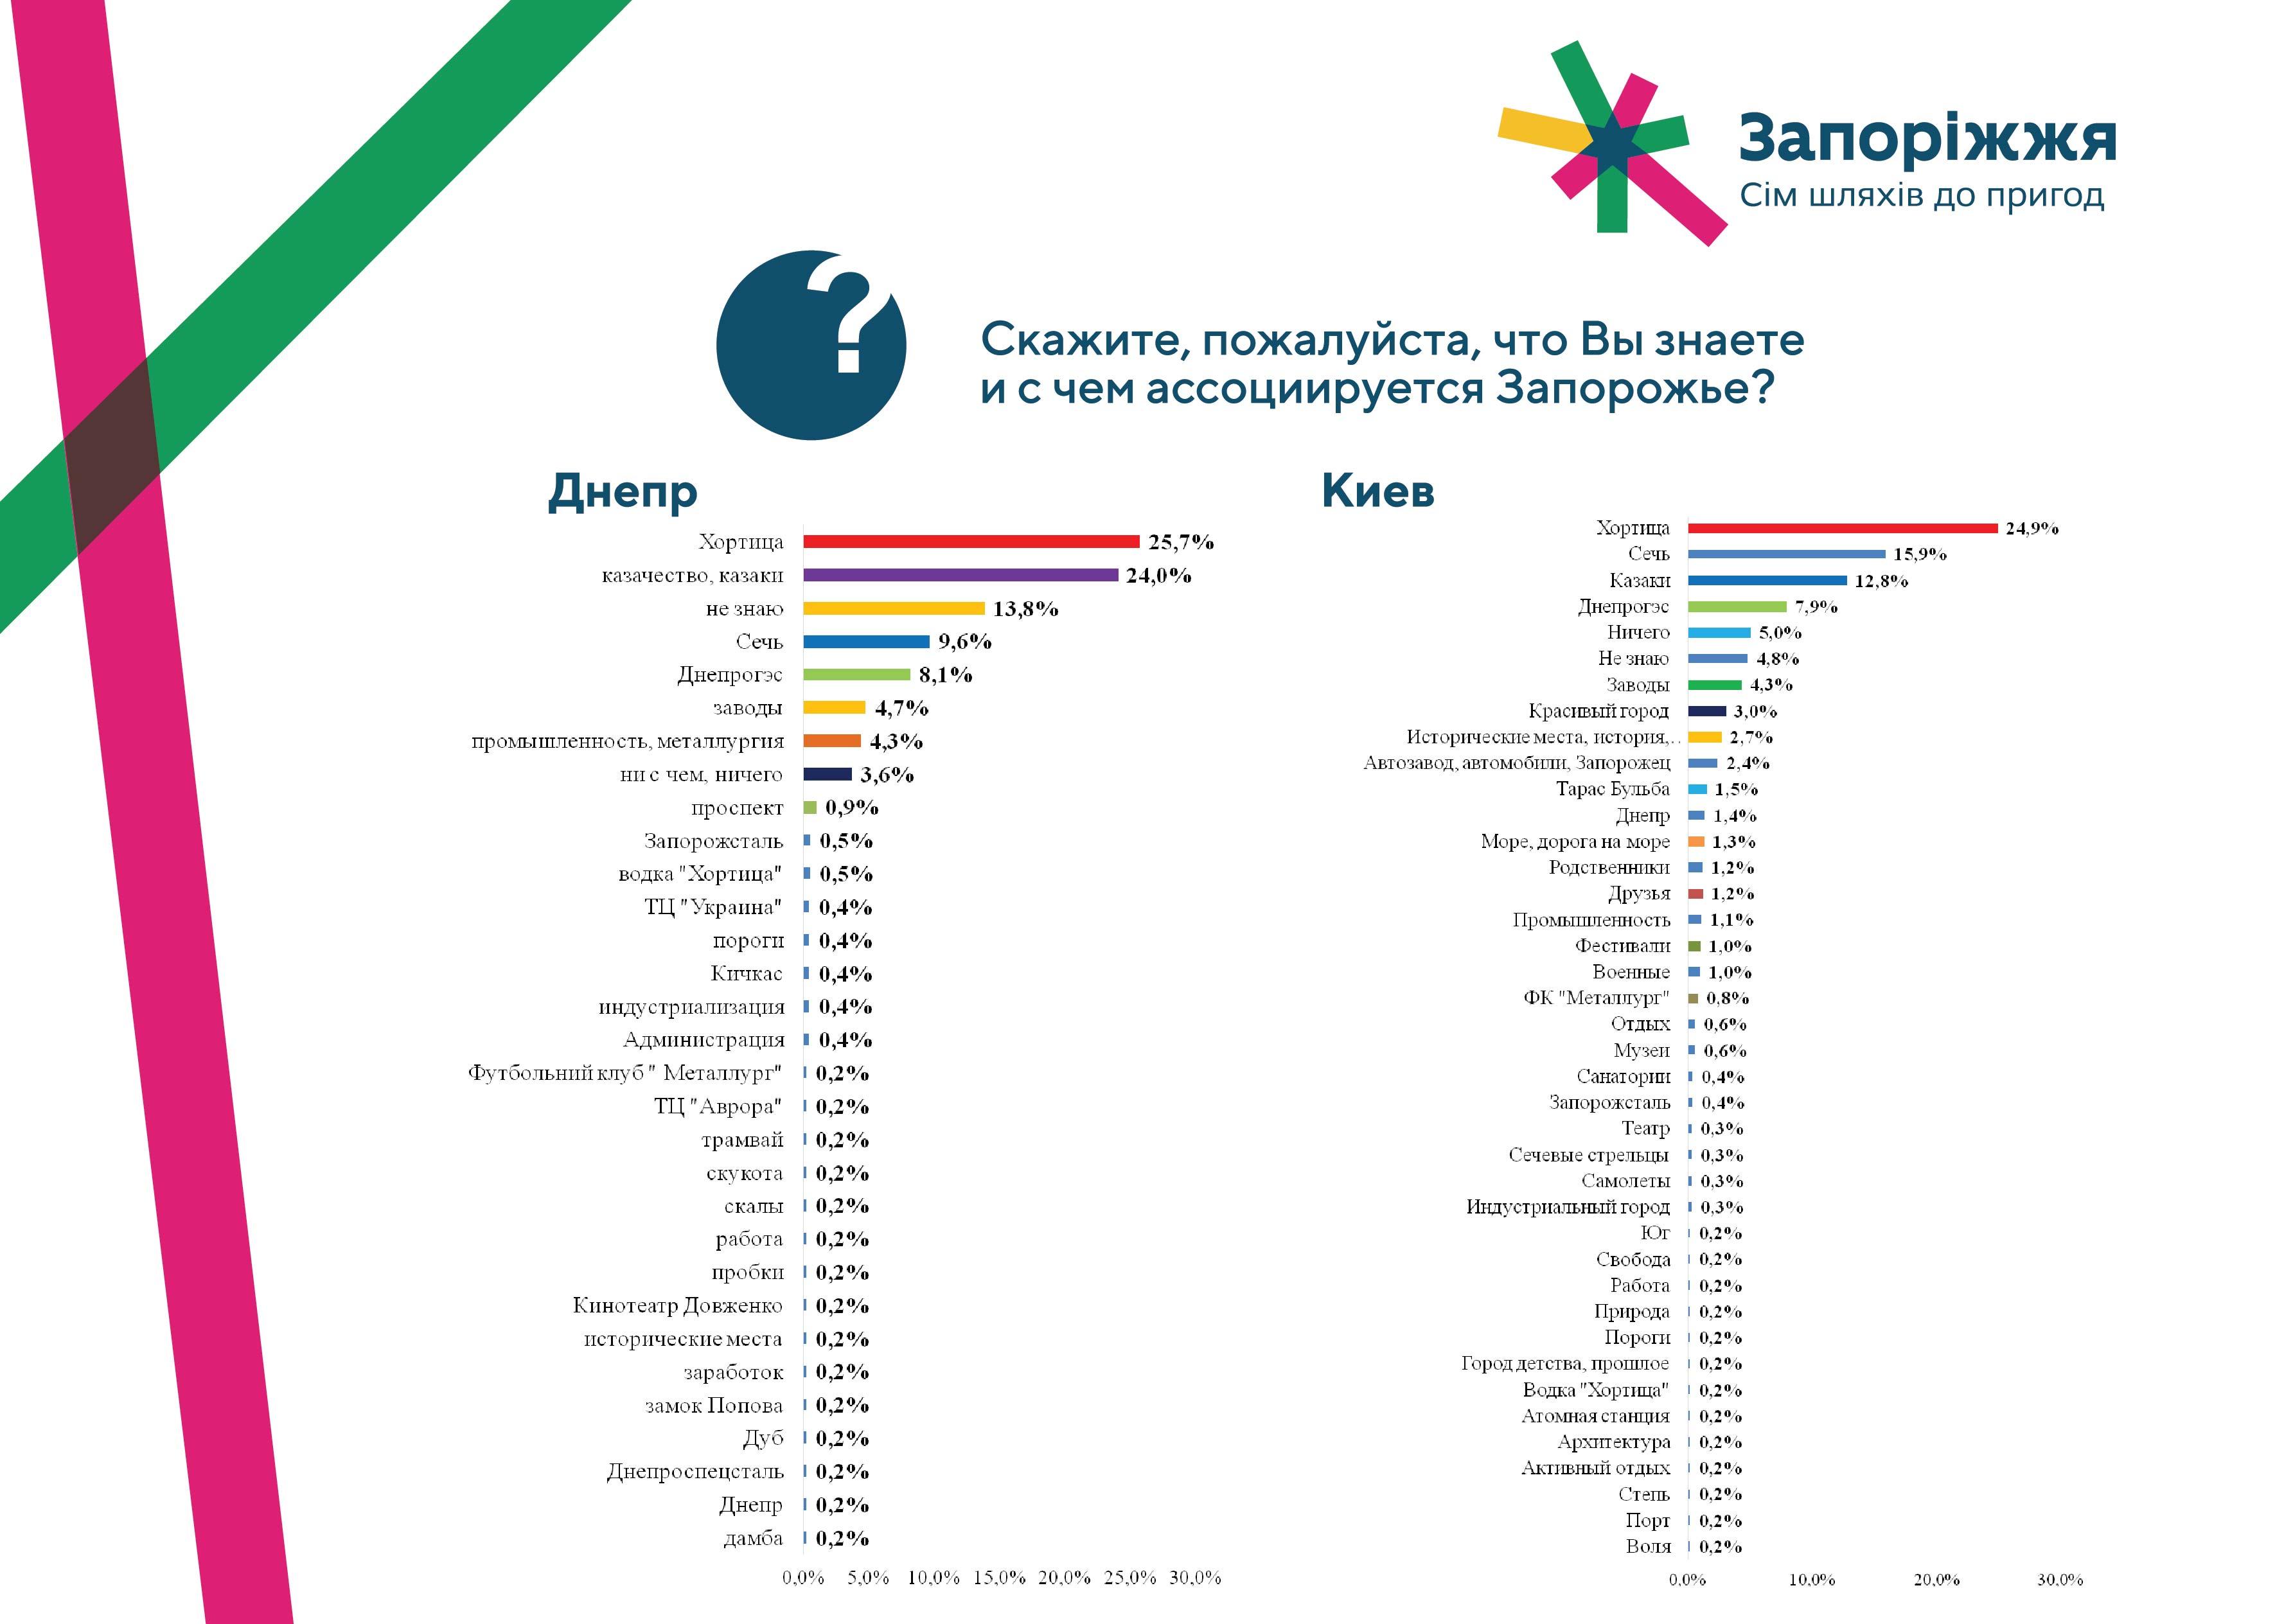 презентация-днепр-киев-14.jpg